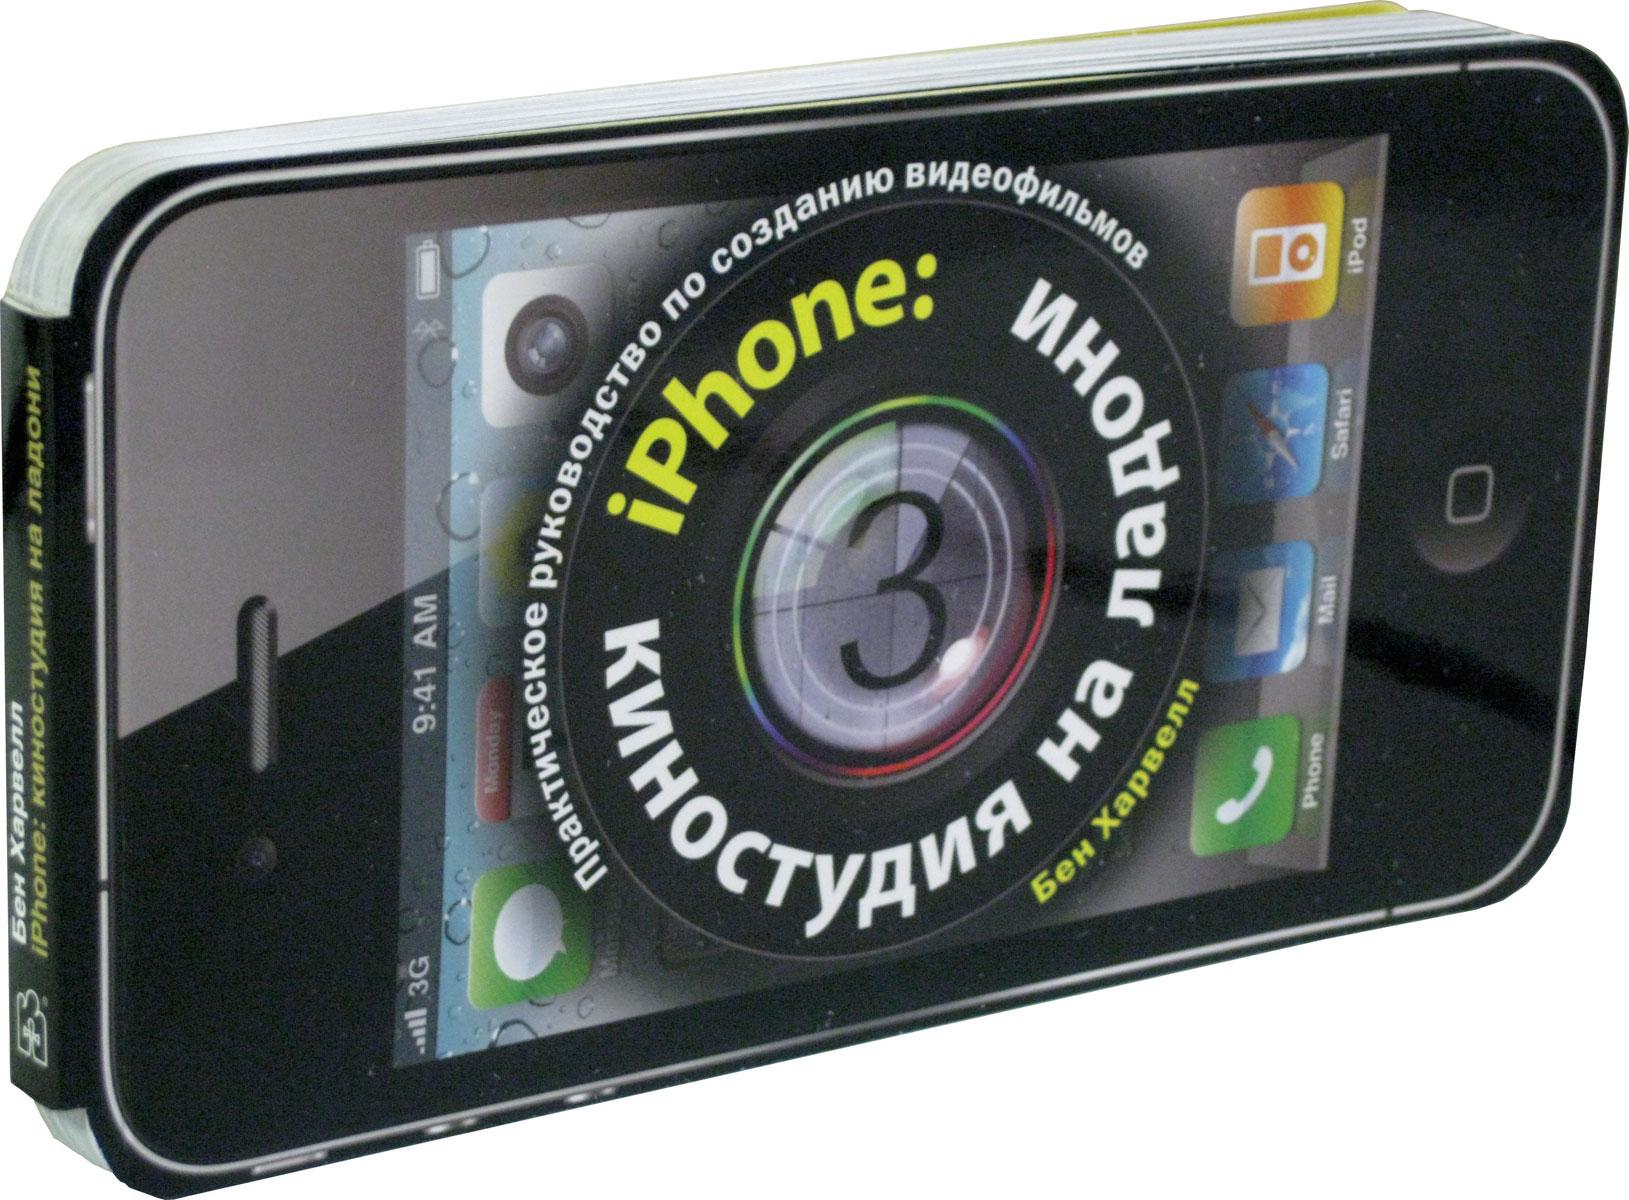 IPhone. Киностудия на ладони. Практическое руководство по созданию видеофильмов